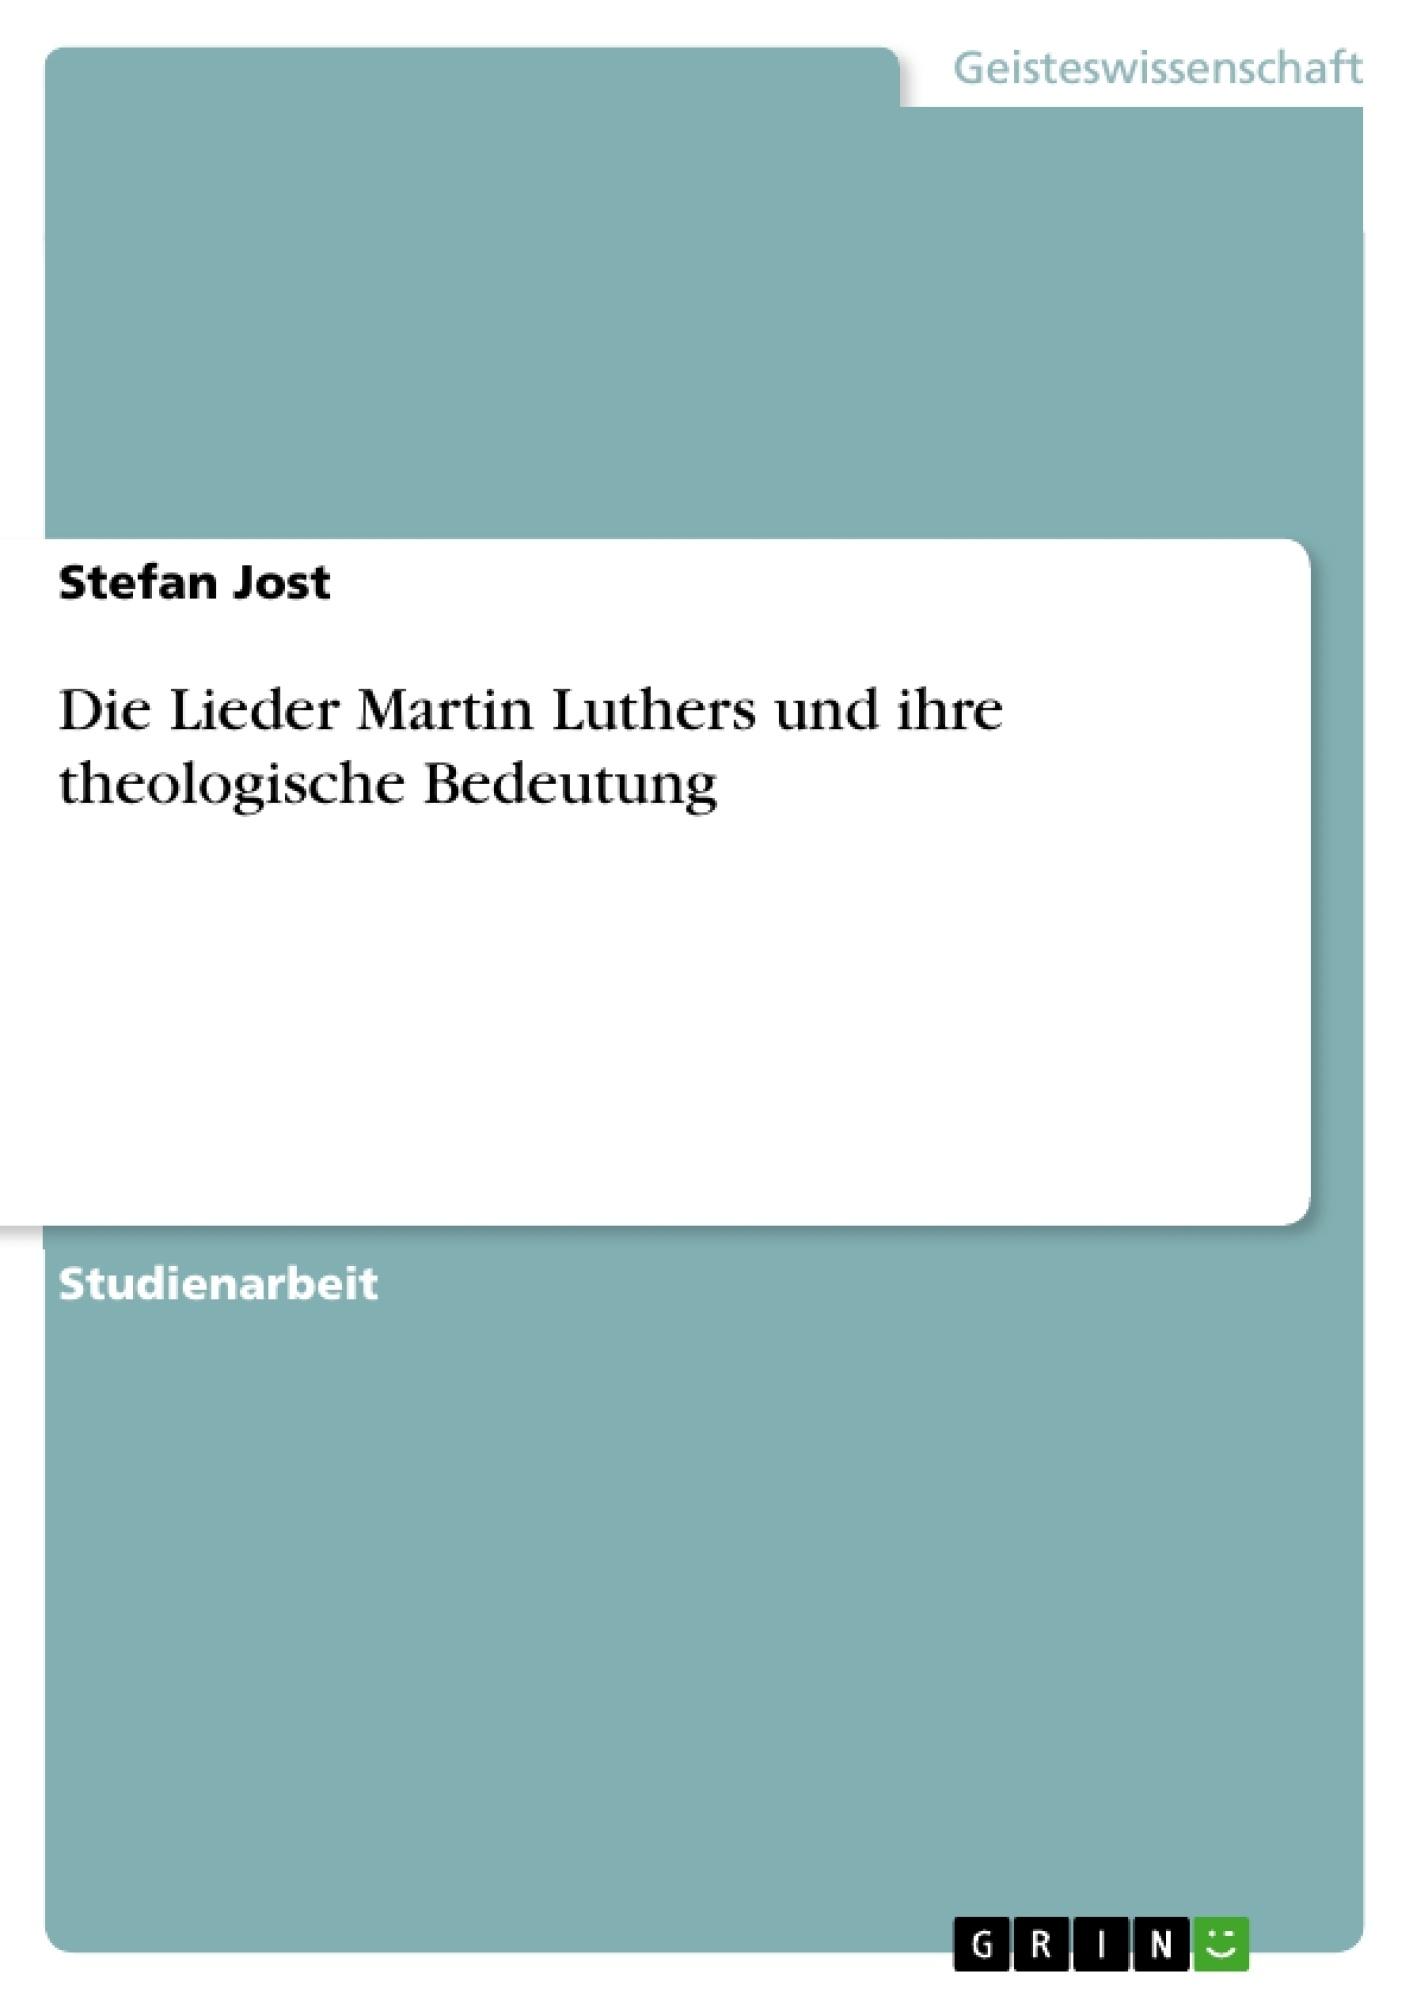 Titel: Die Lieder Martin Luthers und ihre theologische Bedeutung